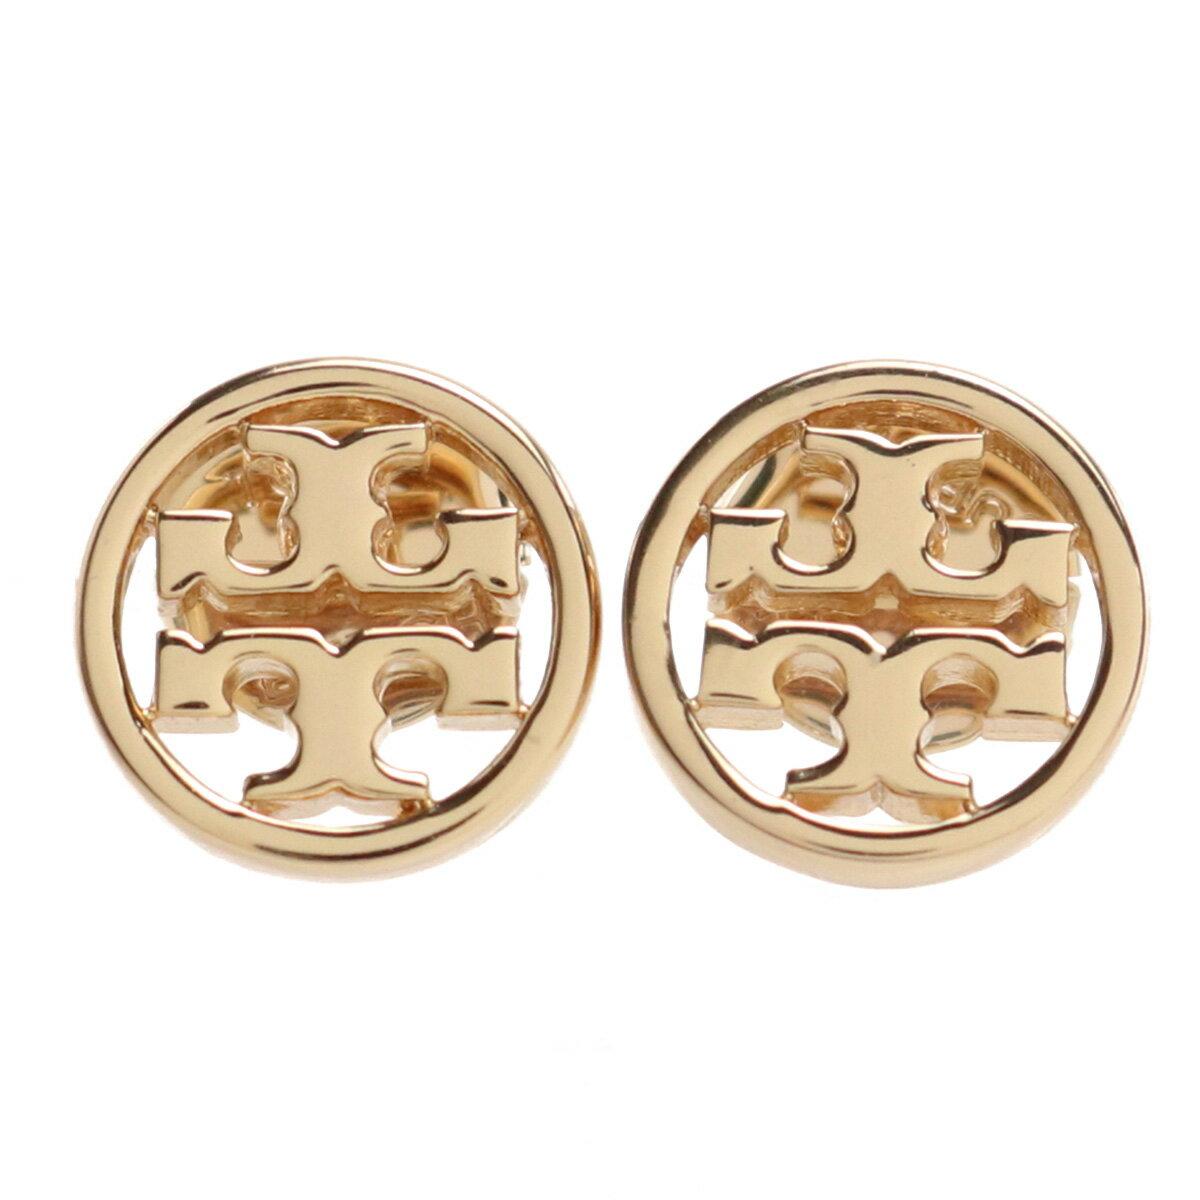 レディースジュエリー・アクセサリー, ピアス  TORY BURCH MILLER STUD 11165518 720 TORY GOLD accessory-01 gsw-5